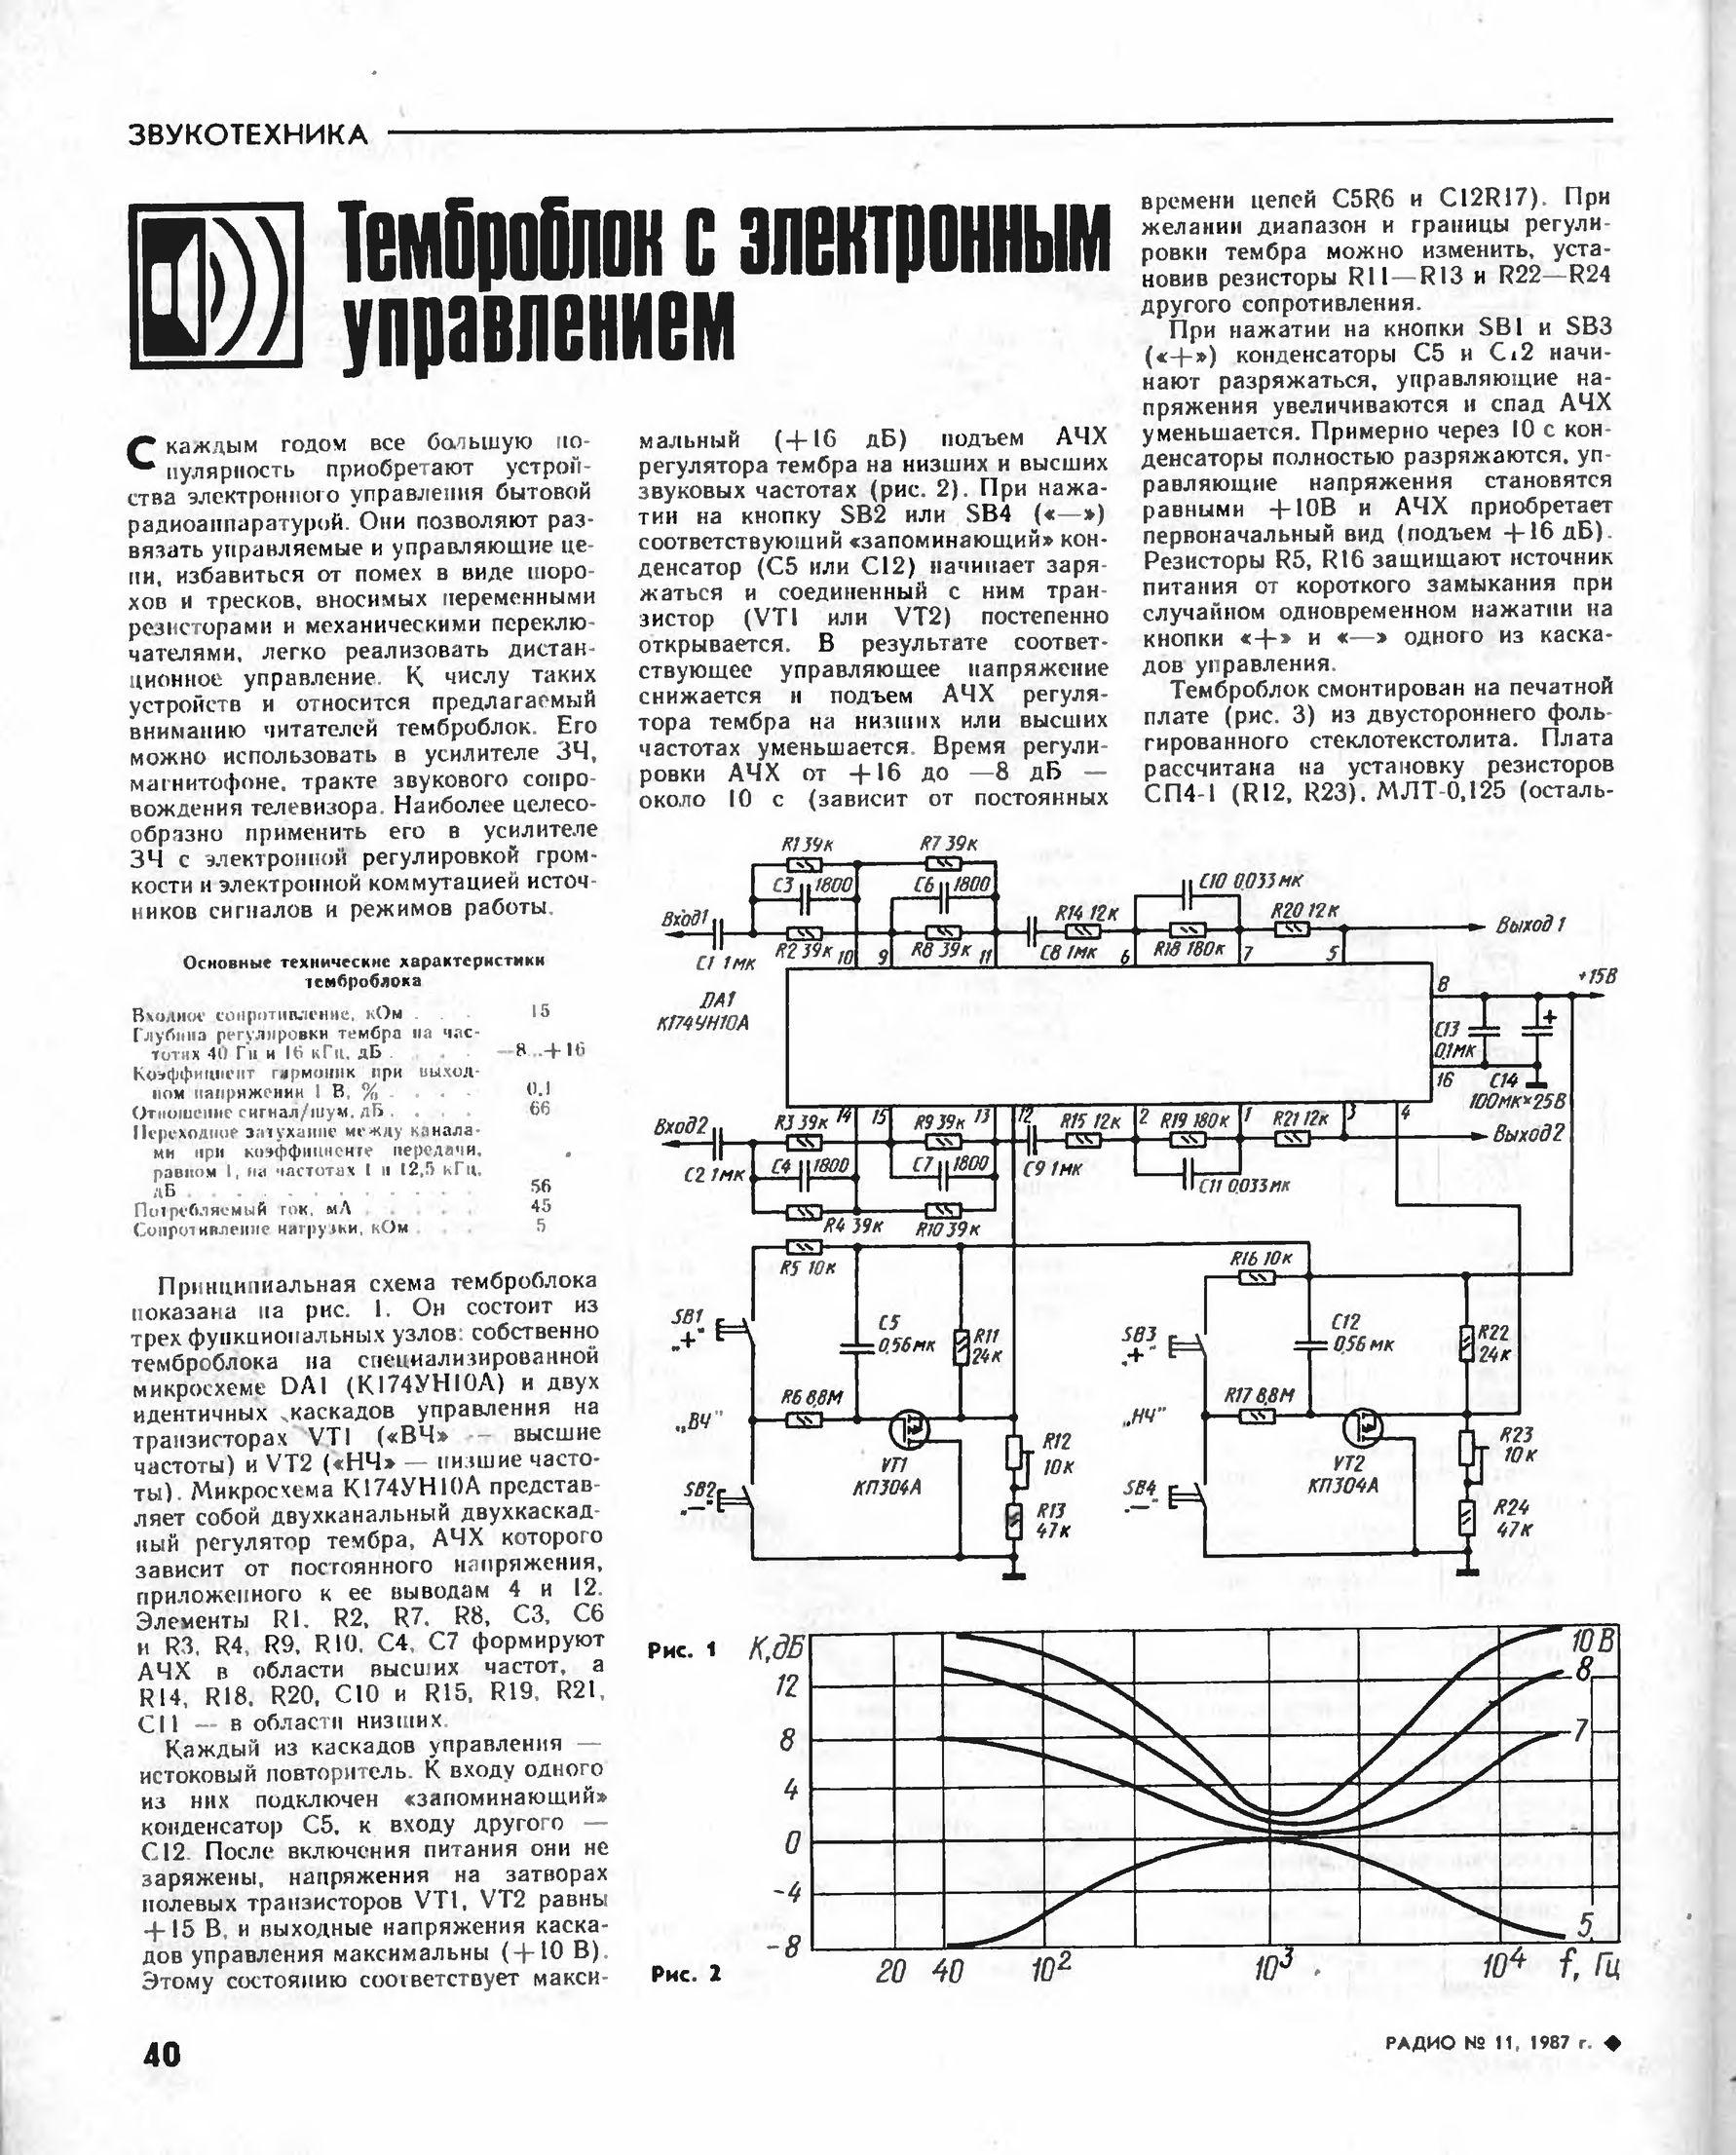 Стереофонический регулятор тембра с электронным управлением